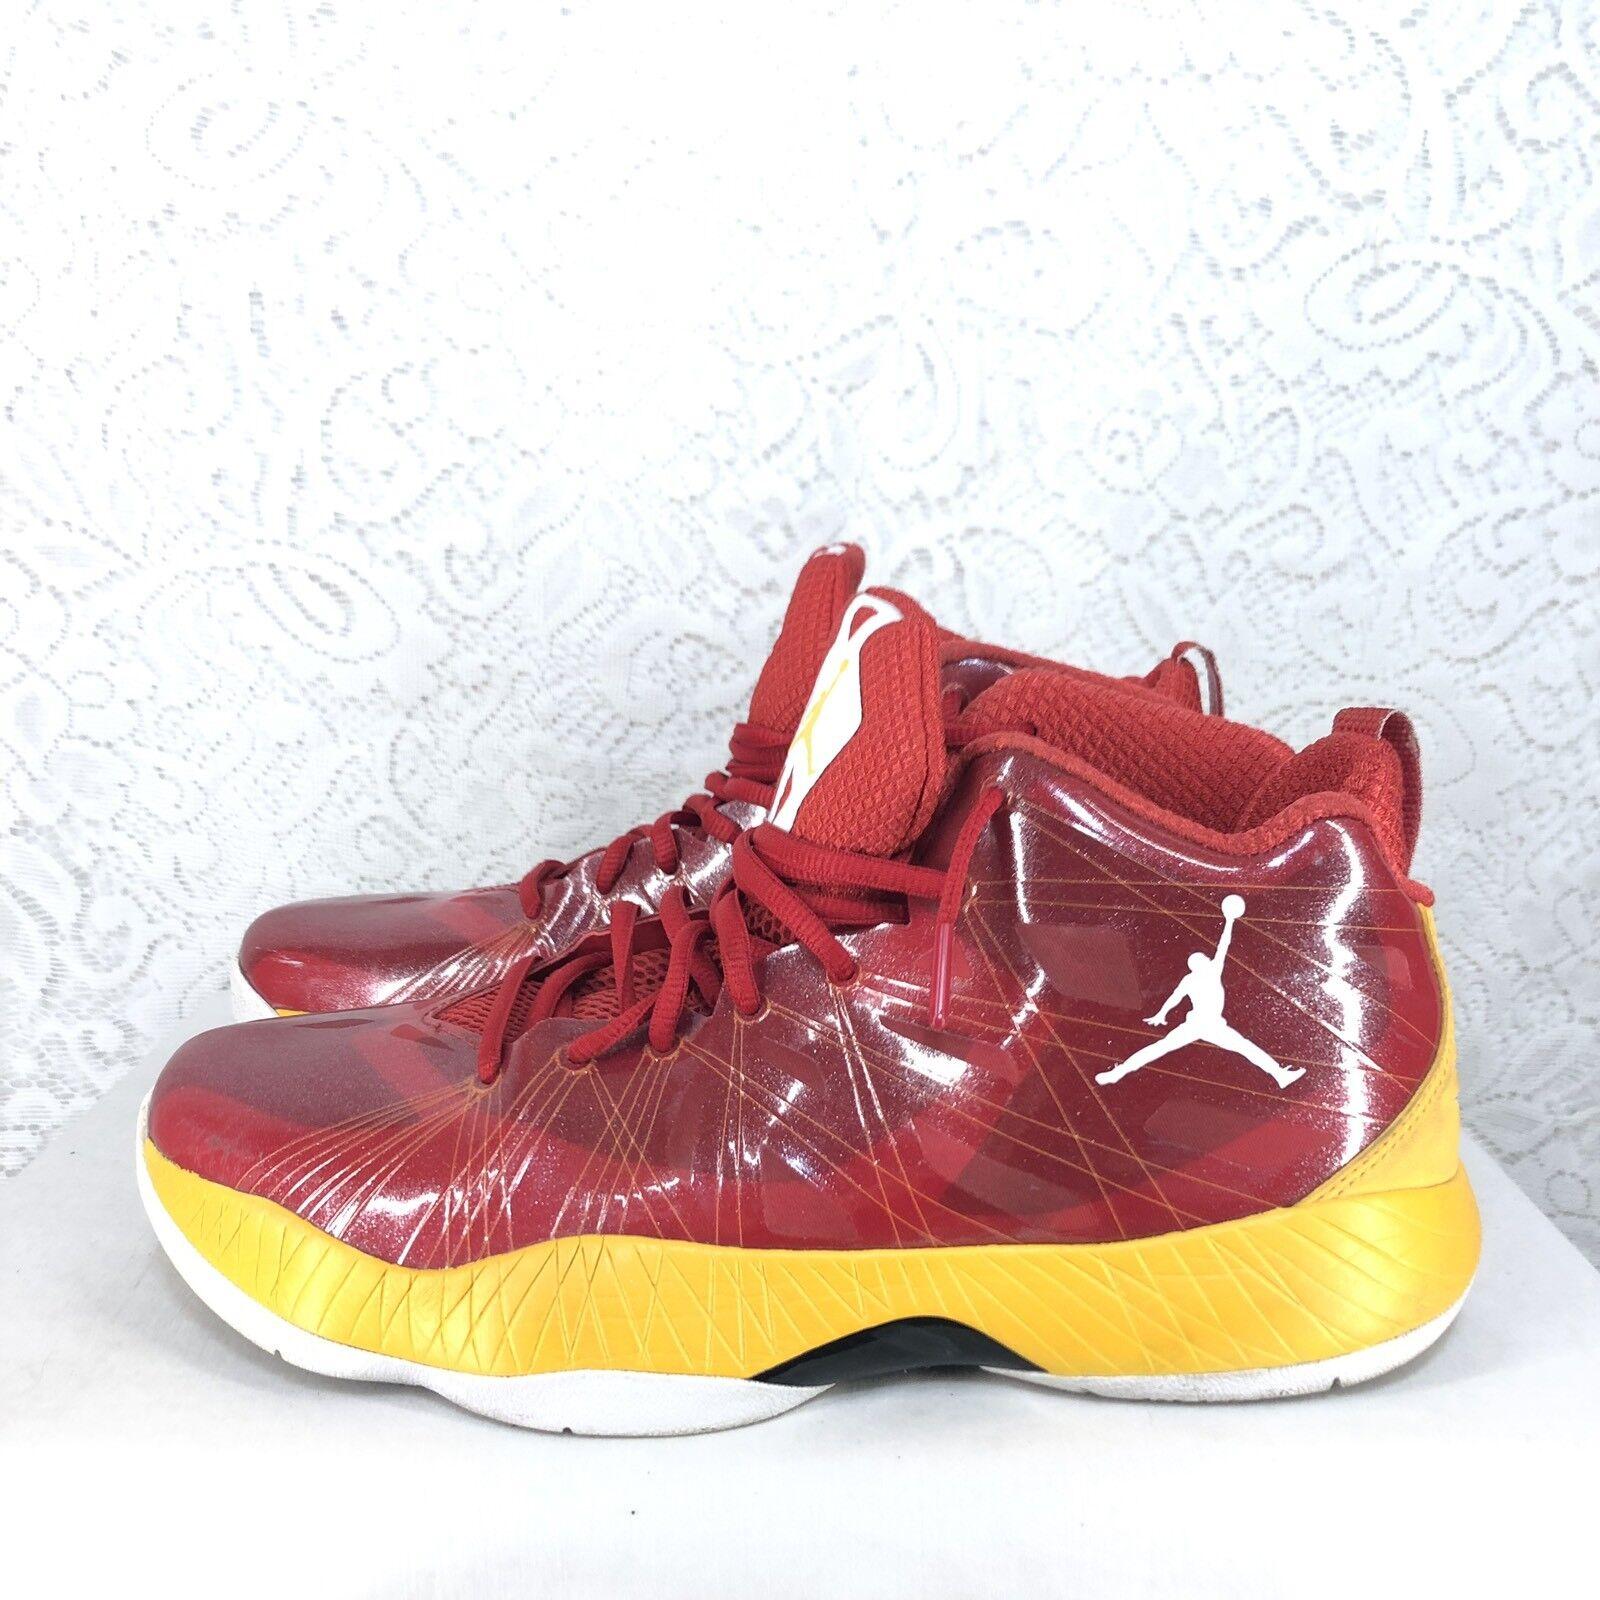 B49 Nike Air Jordan 10.5 Lite Flash Sport Red Taxi-White 524922-605 Rare 2012